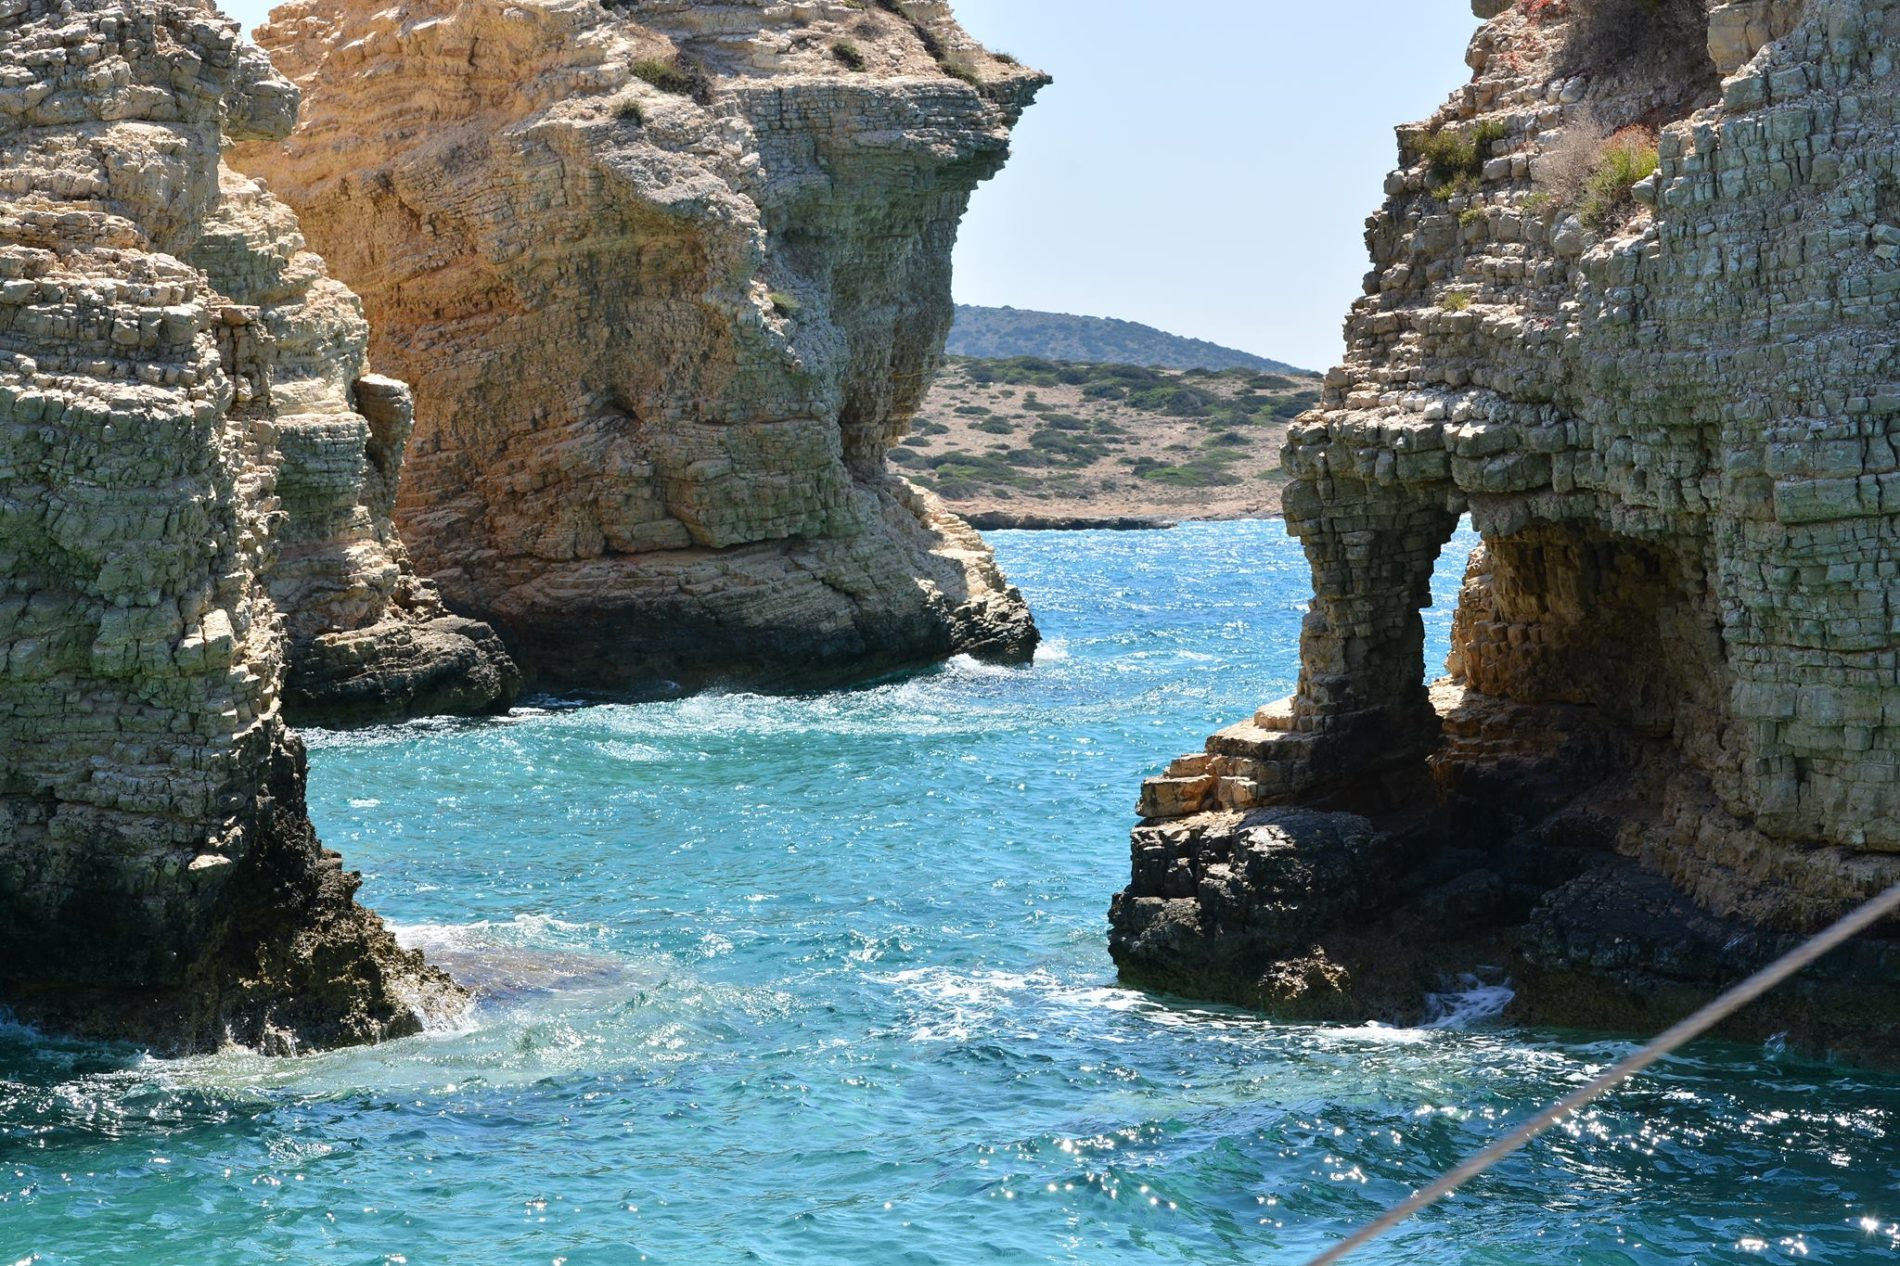 Ένα ταξίδι ιστιοπλοΐας 1 ημέρας θα αποκαλύψει ασυνήθιστους βράχους